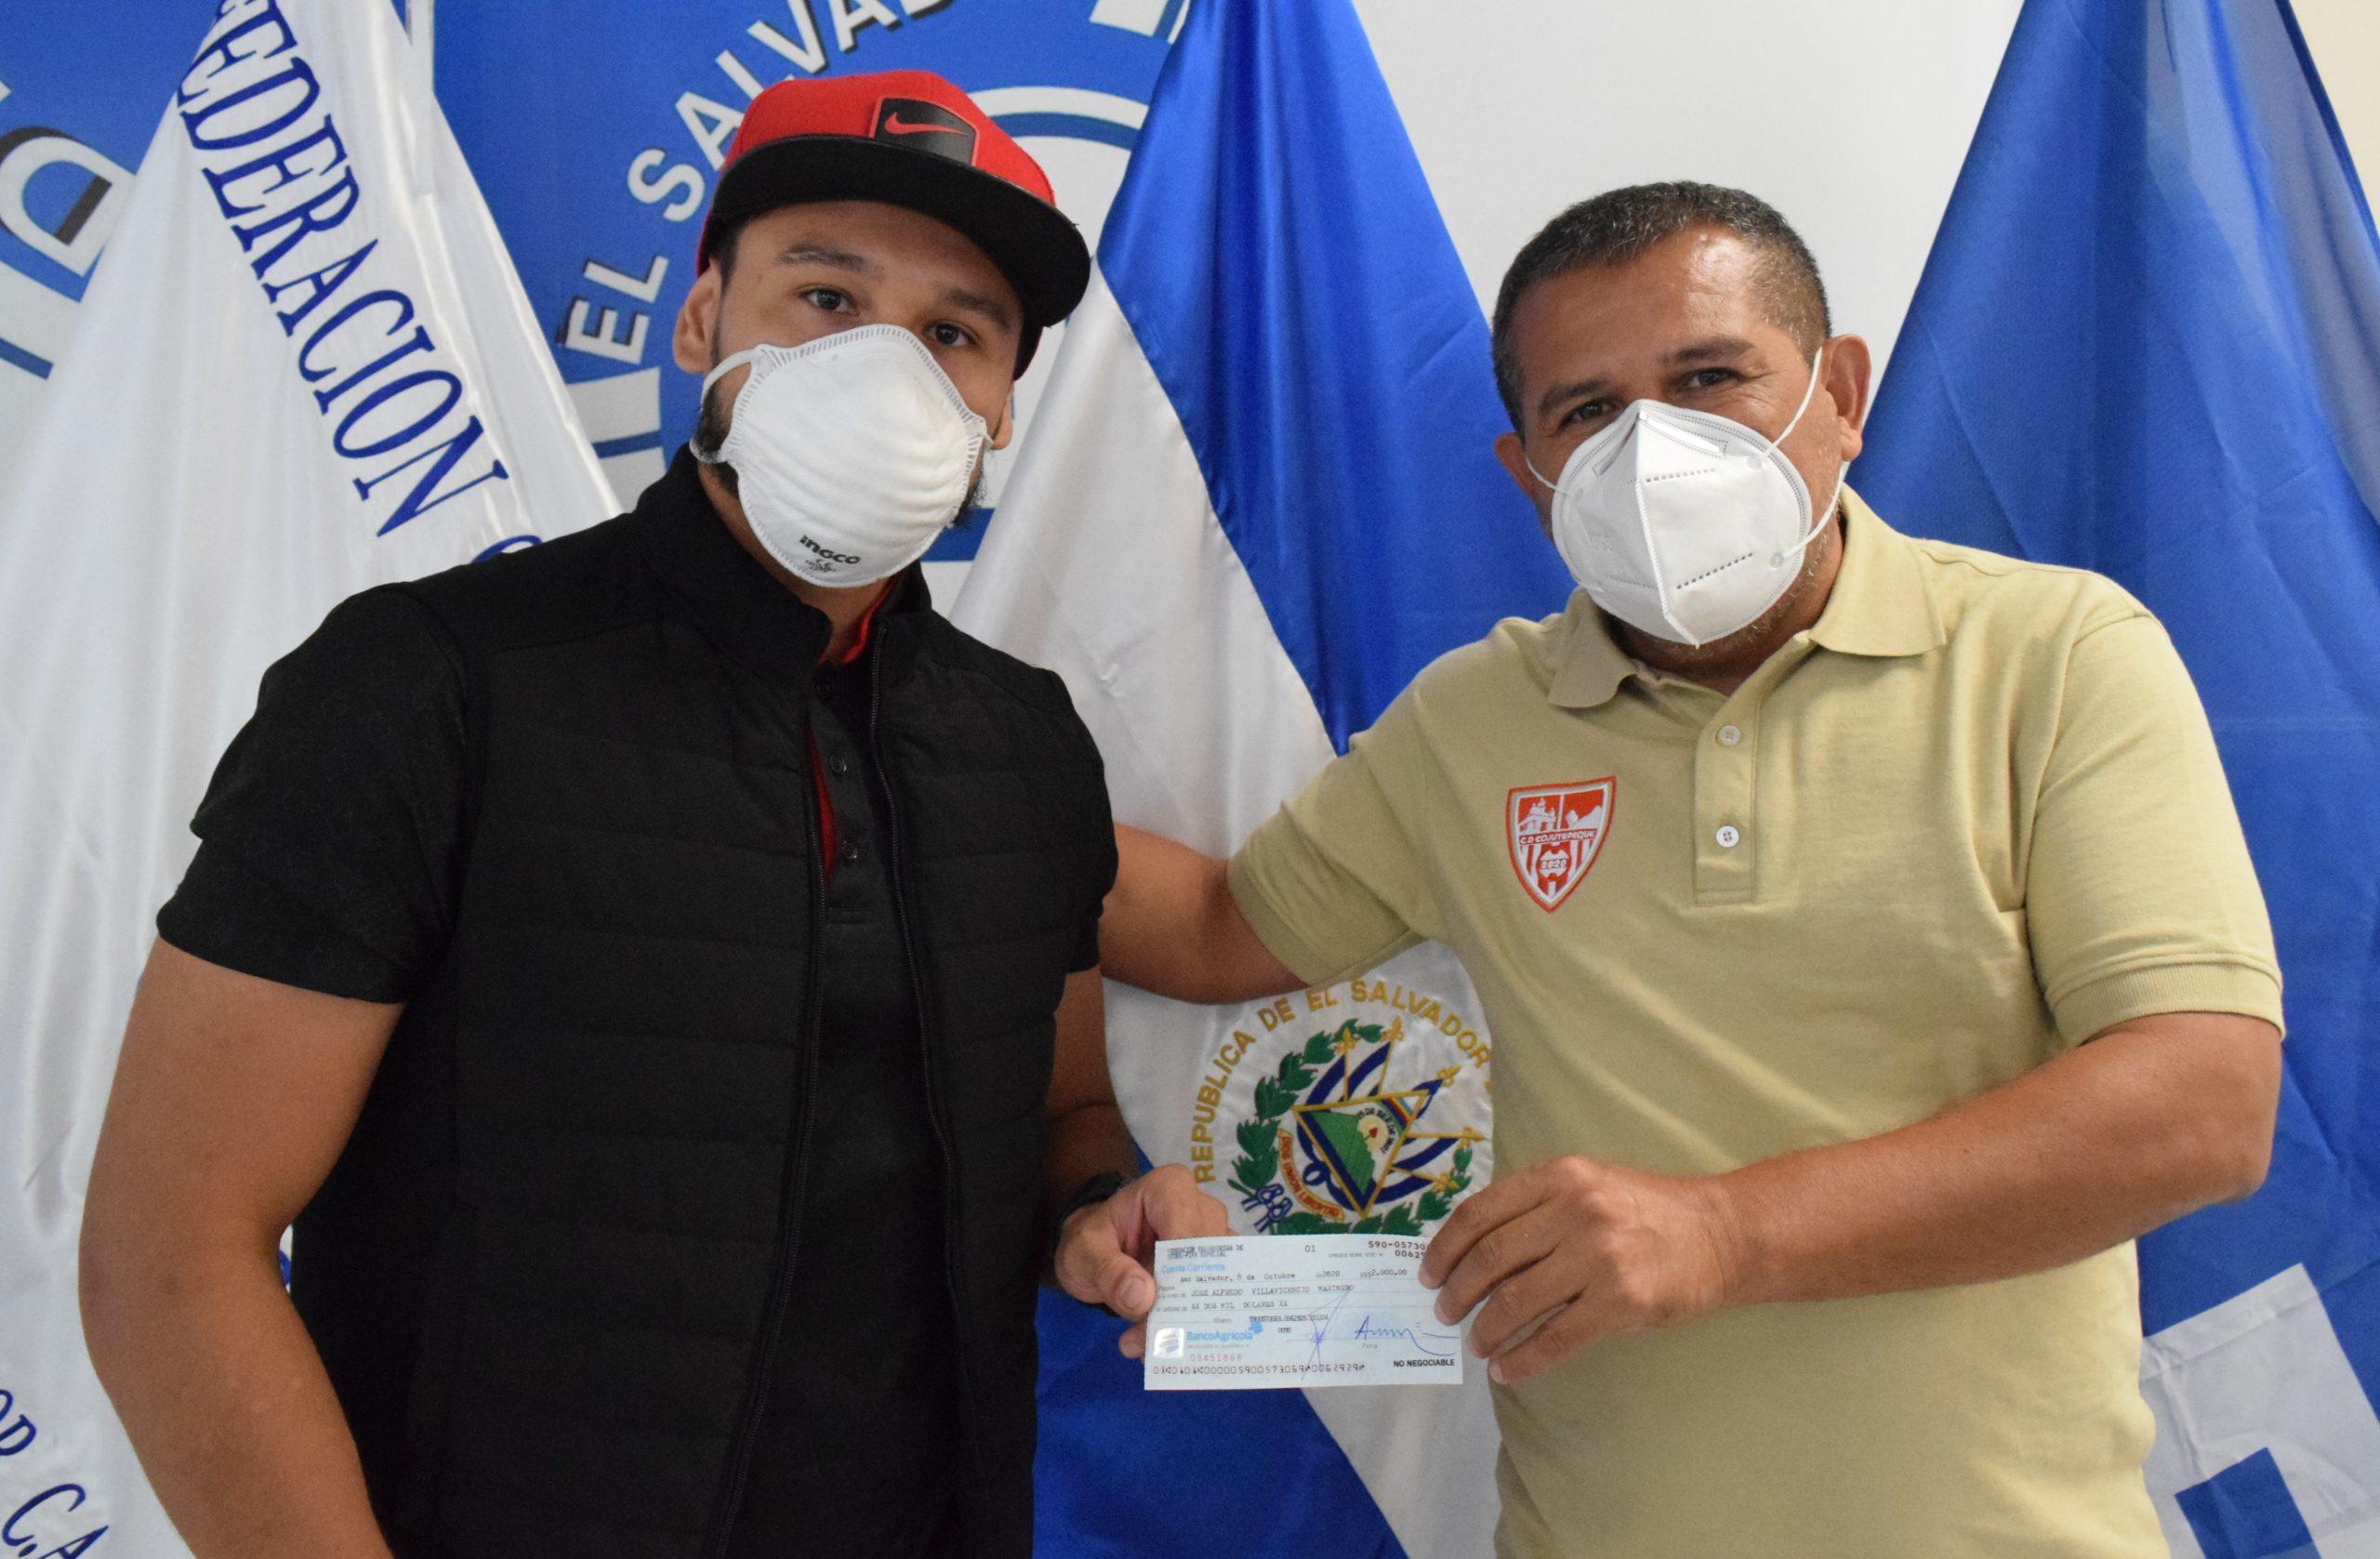 Señor José Villavicencio de Asociación Deportiva Internacional San Salvador, San Salvador